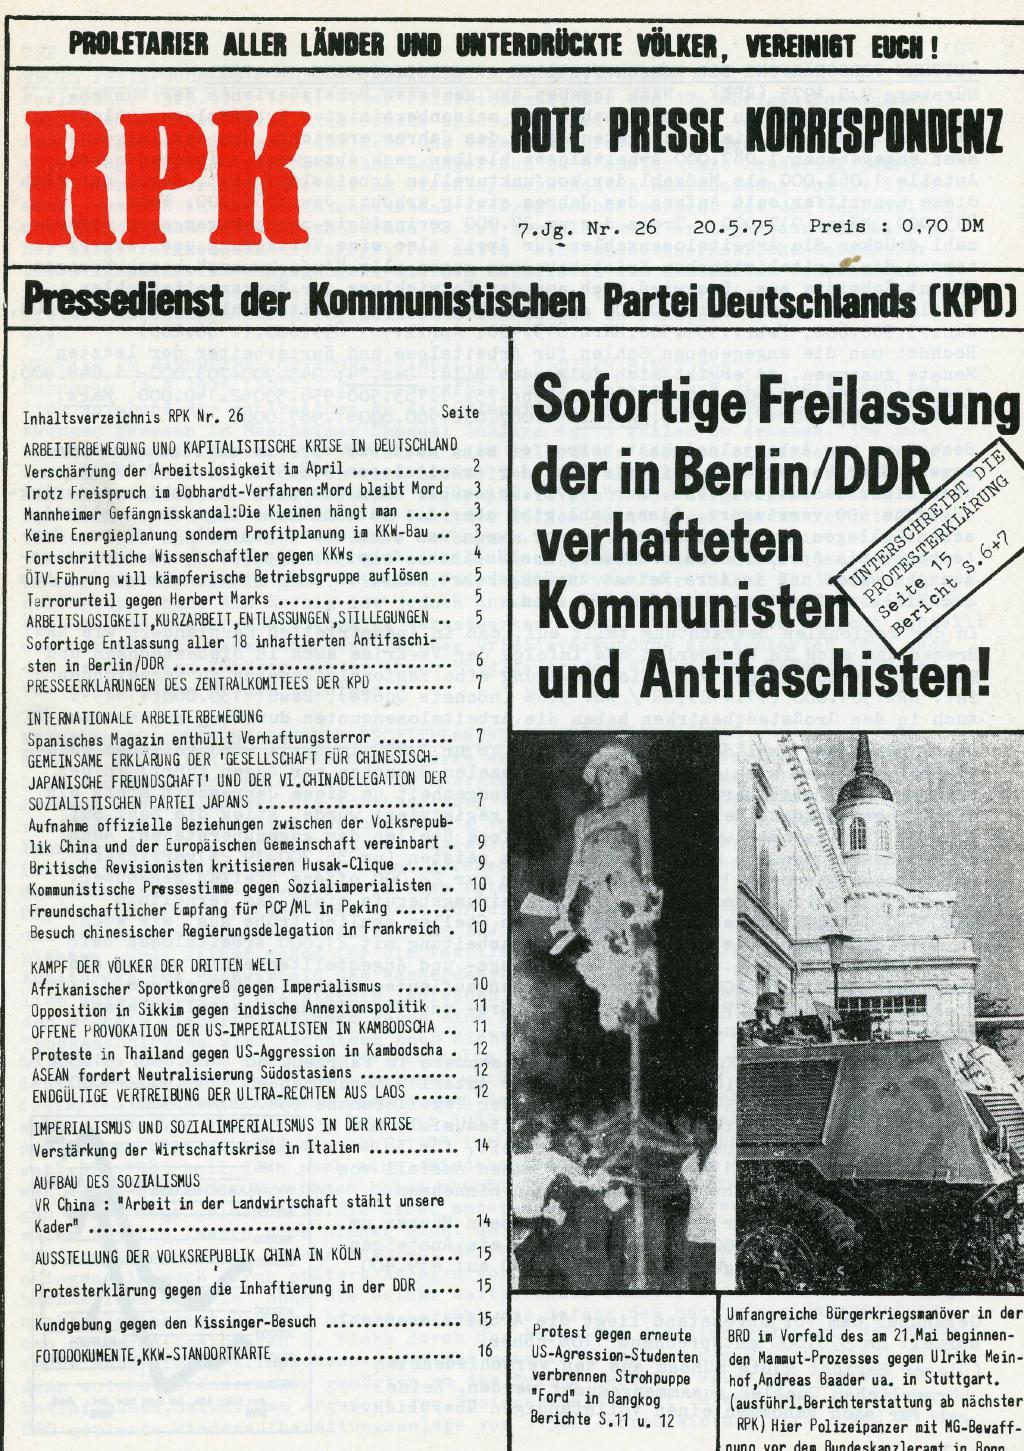 RPK_Pressedienst_1975_26_01